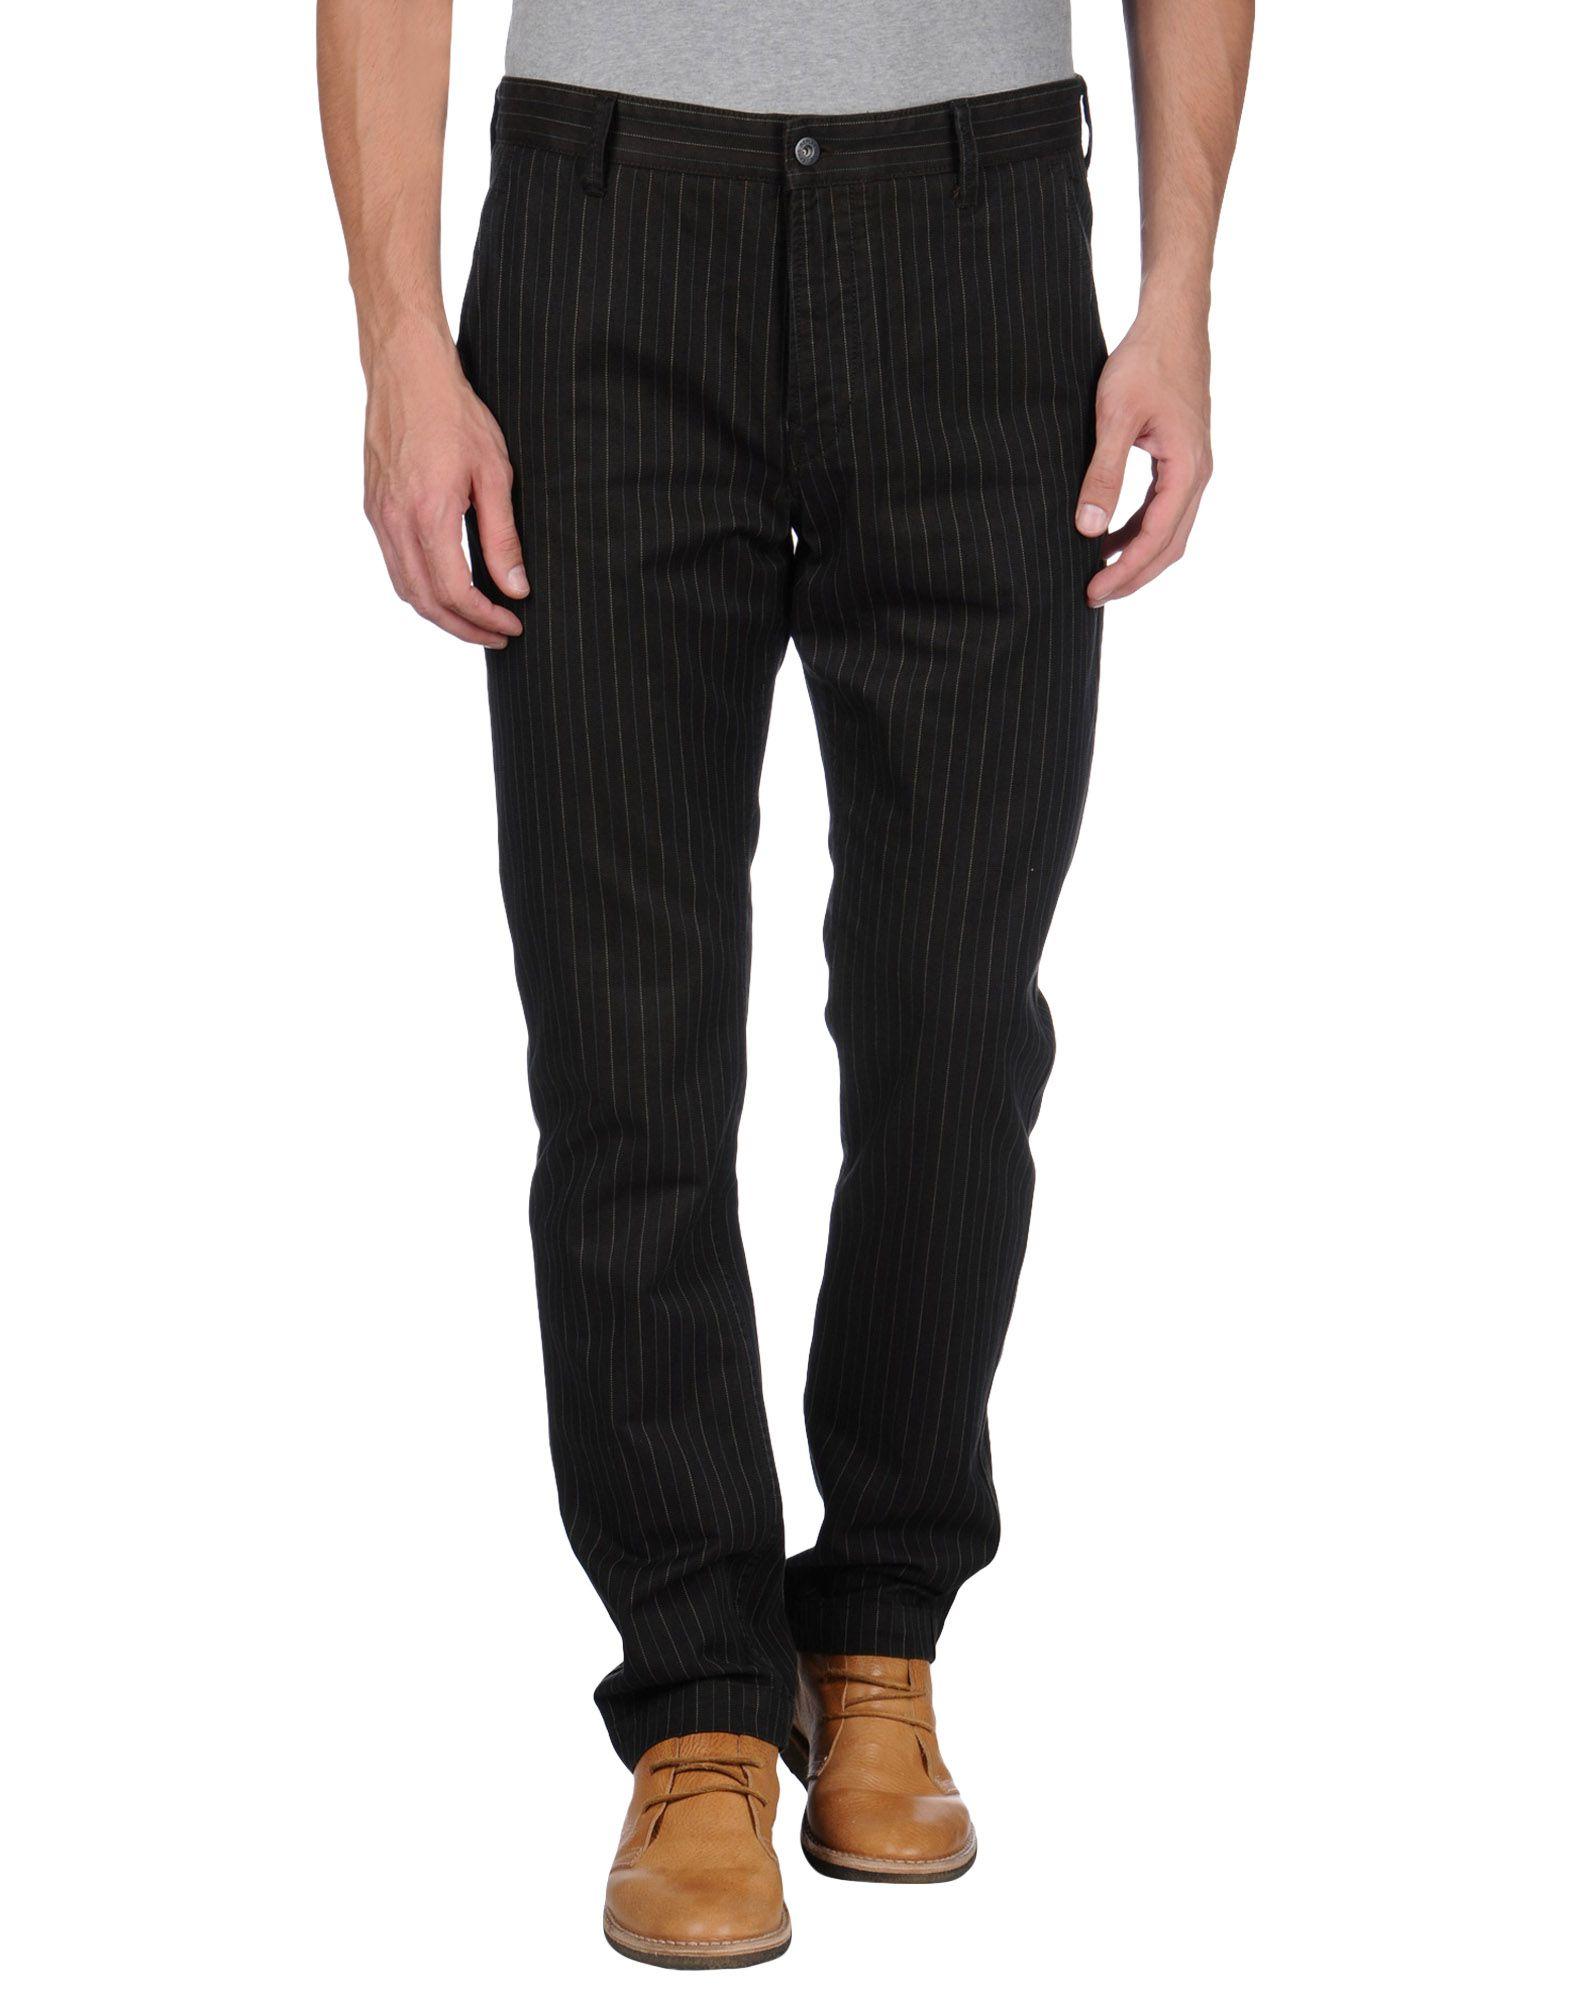 Повседневные брюки REPLAY  M9443 цена 2016